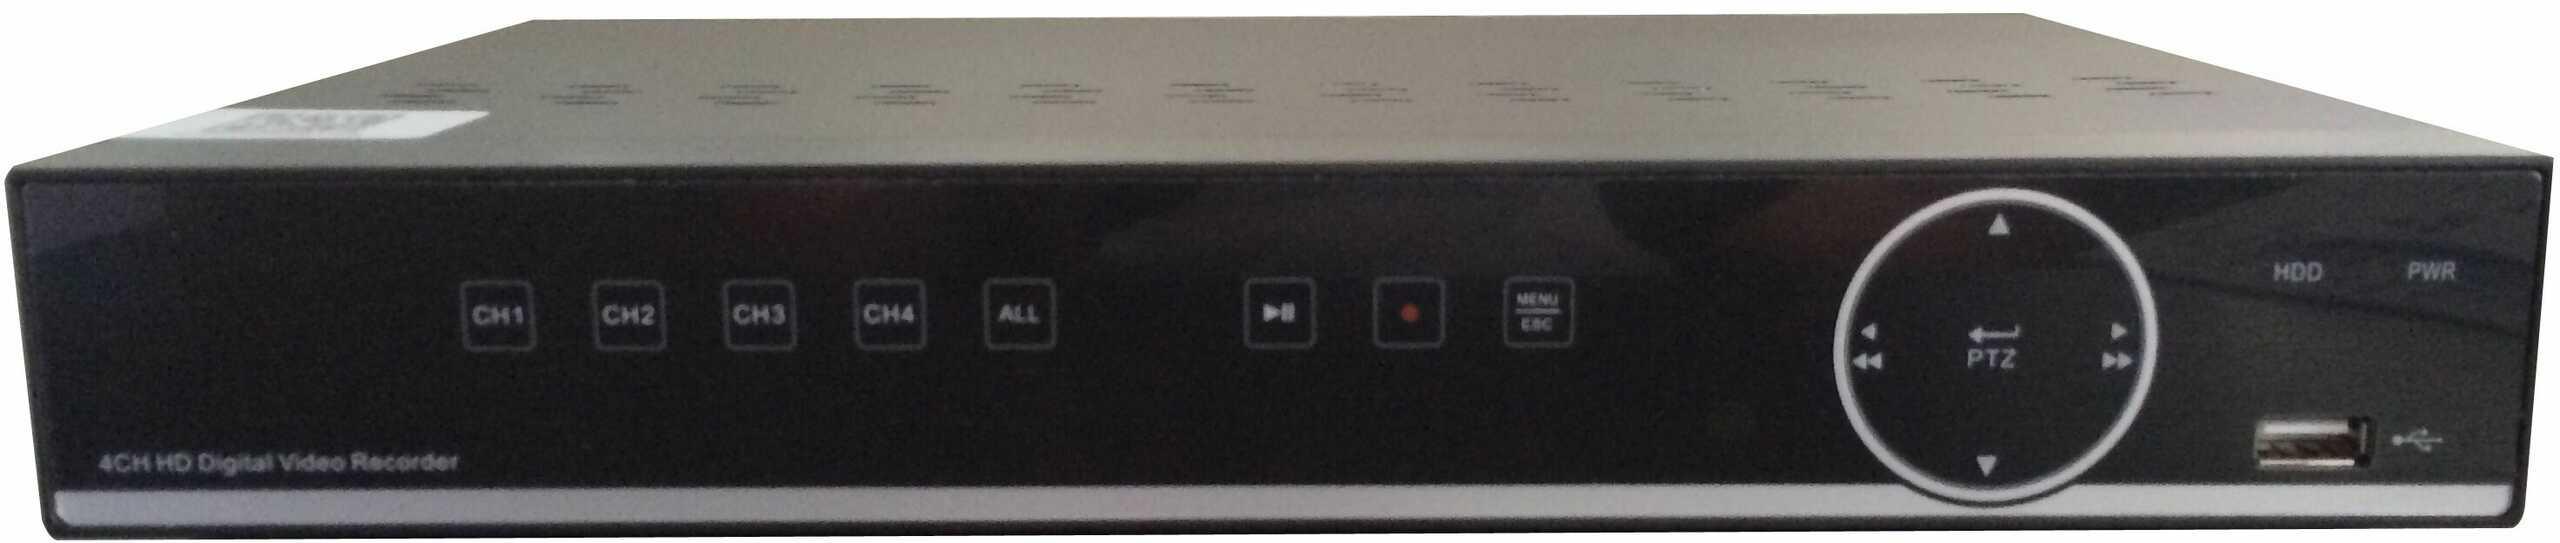 Rejestrator hybrydowy MZ-AHD8004HS